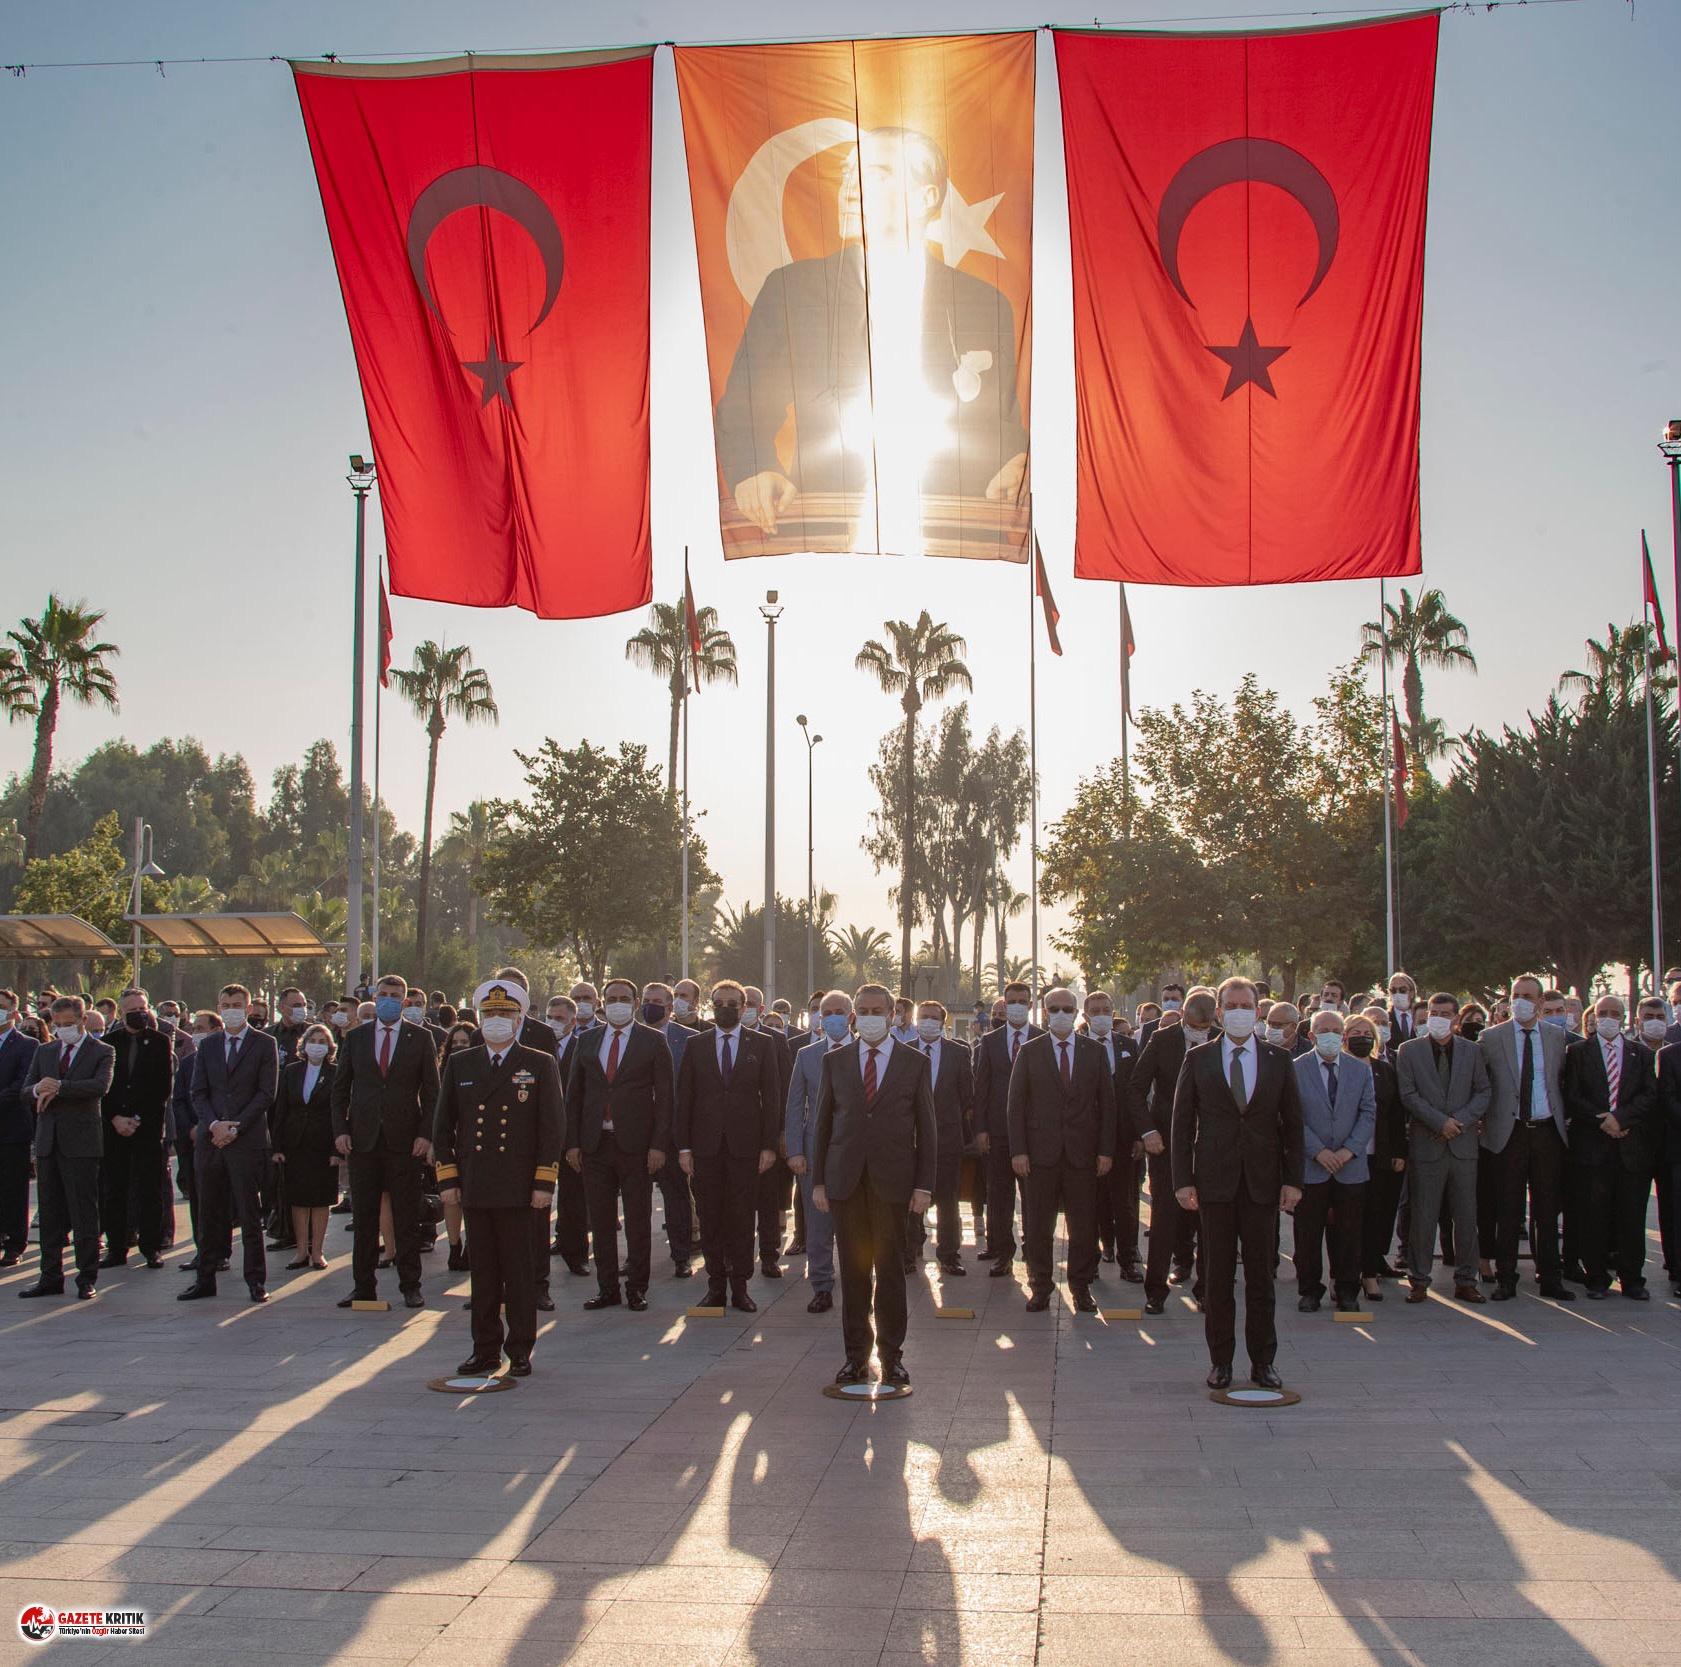 Ulu Önder Atatürk Mersin'de de saygı ve özlemle anıldı